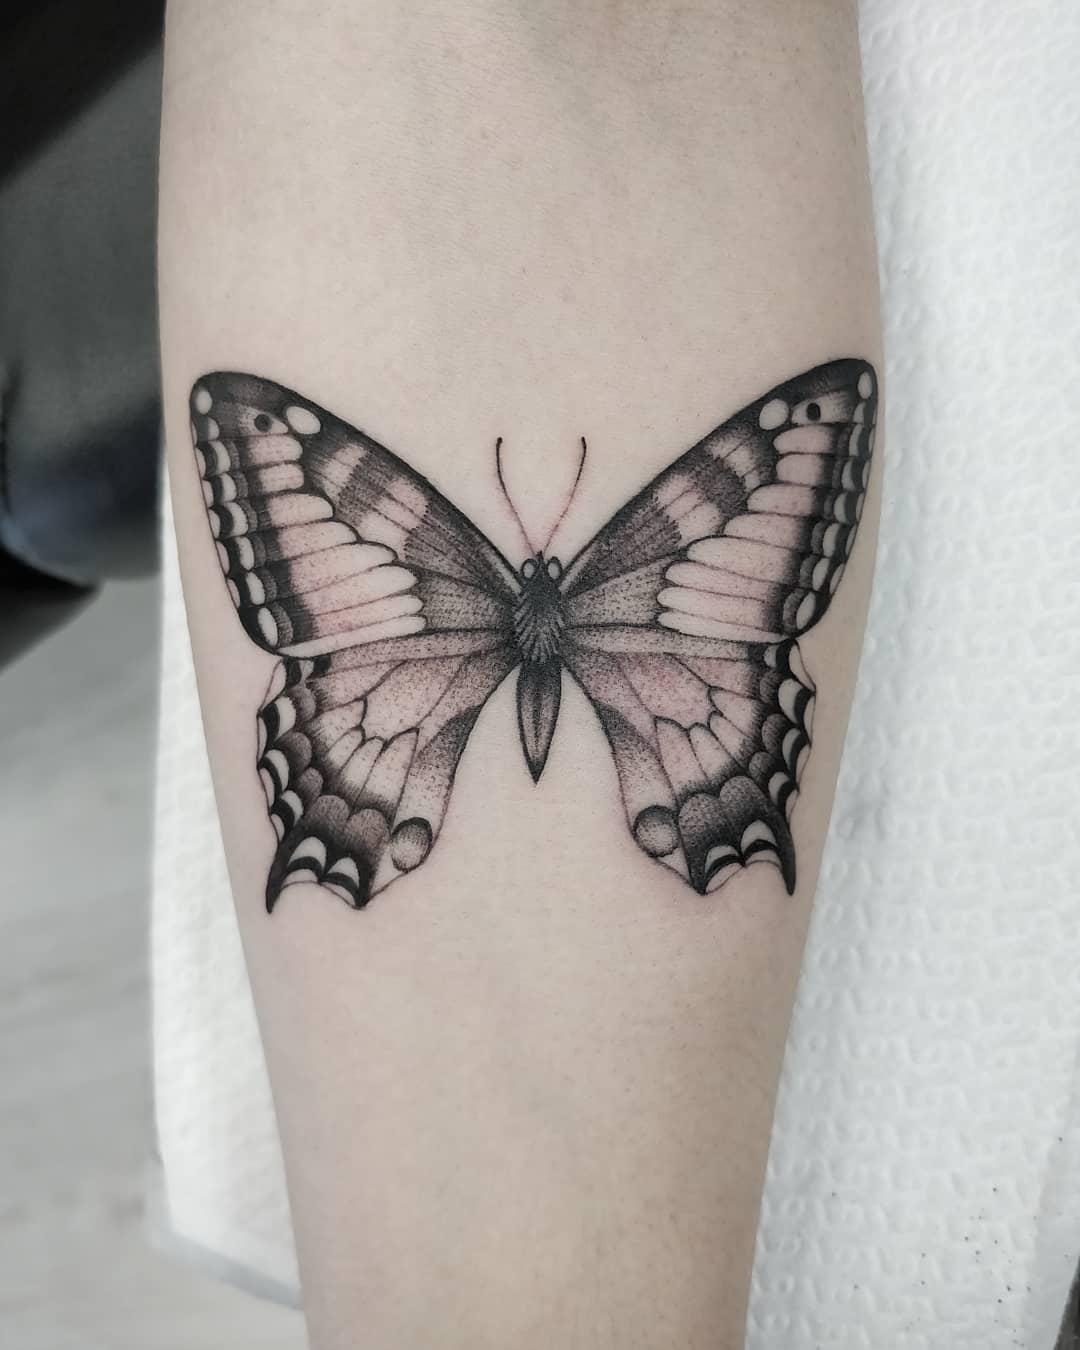 小臂黑灰蝴蝶纹身图案